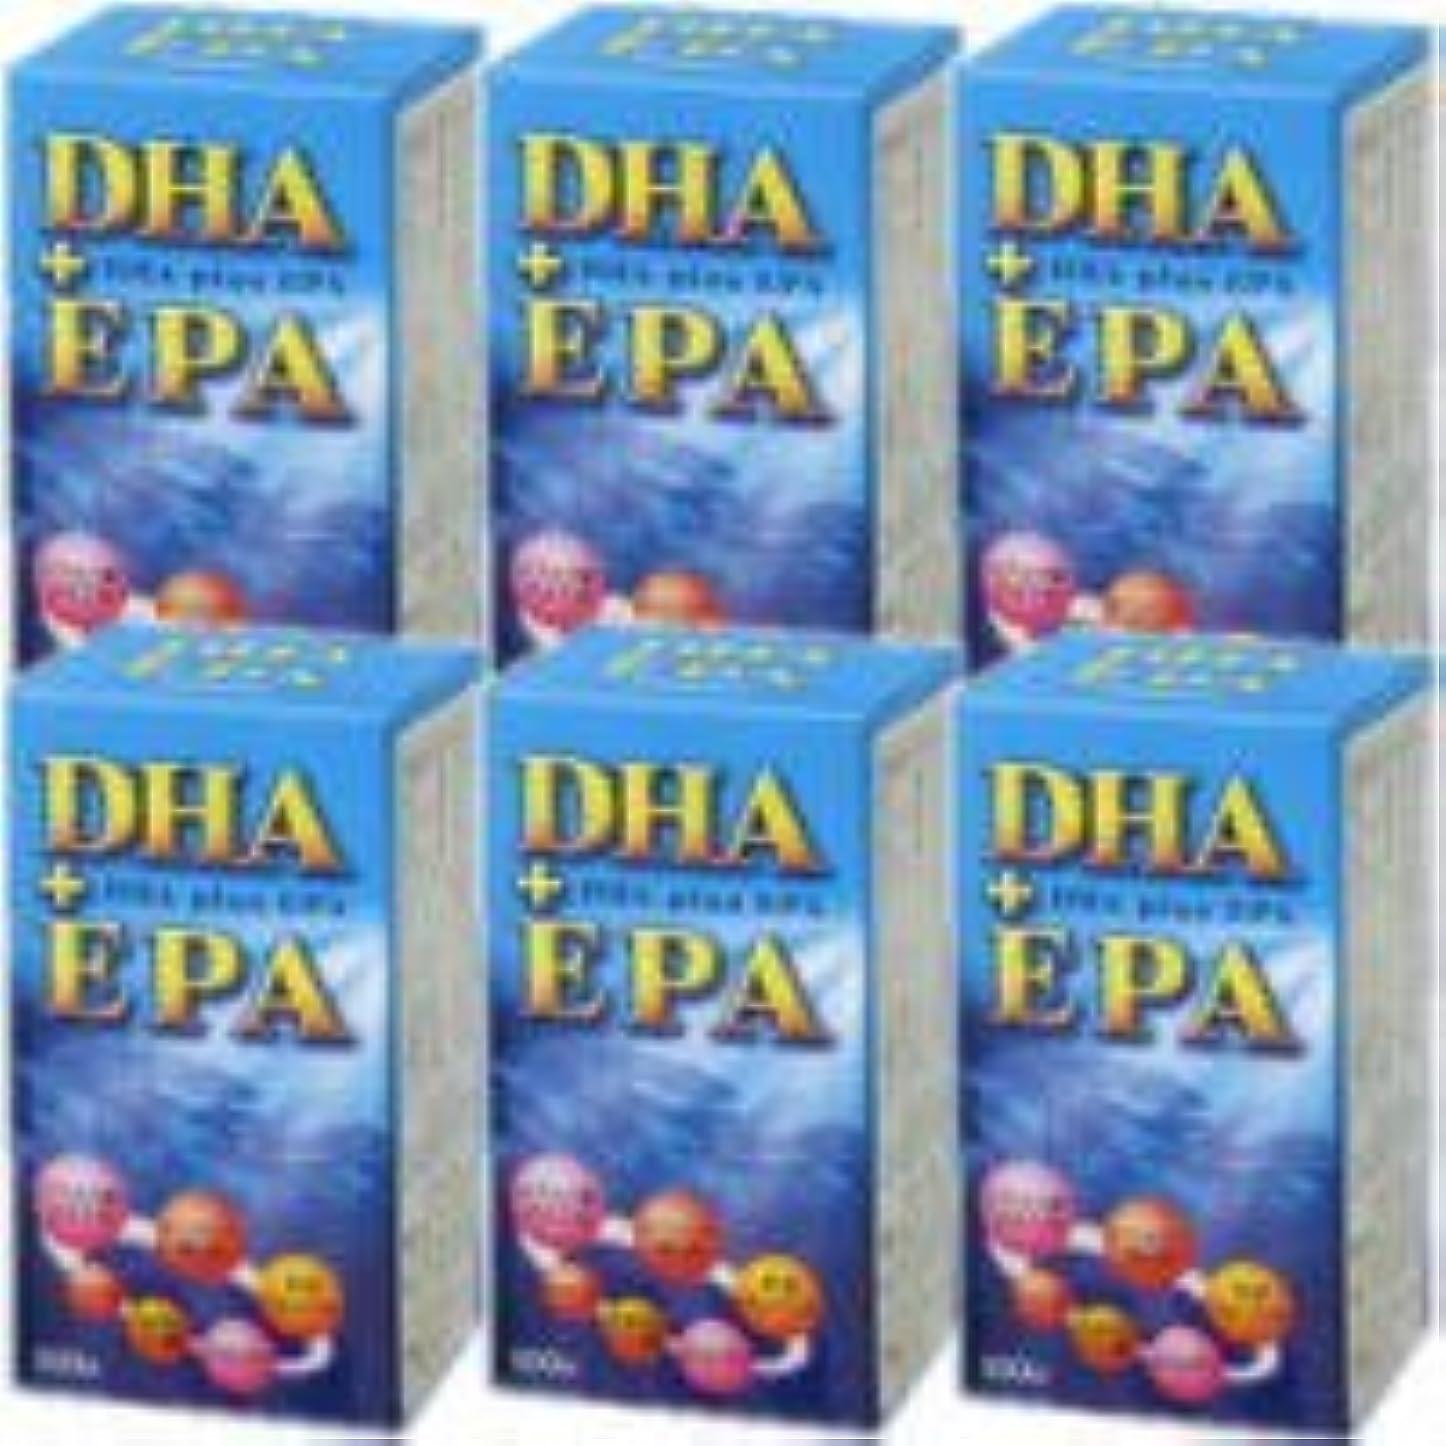 バックアップリーガン栄光DHA+EPA 6個